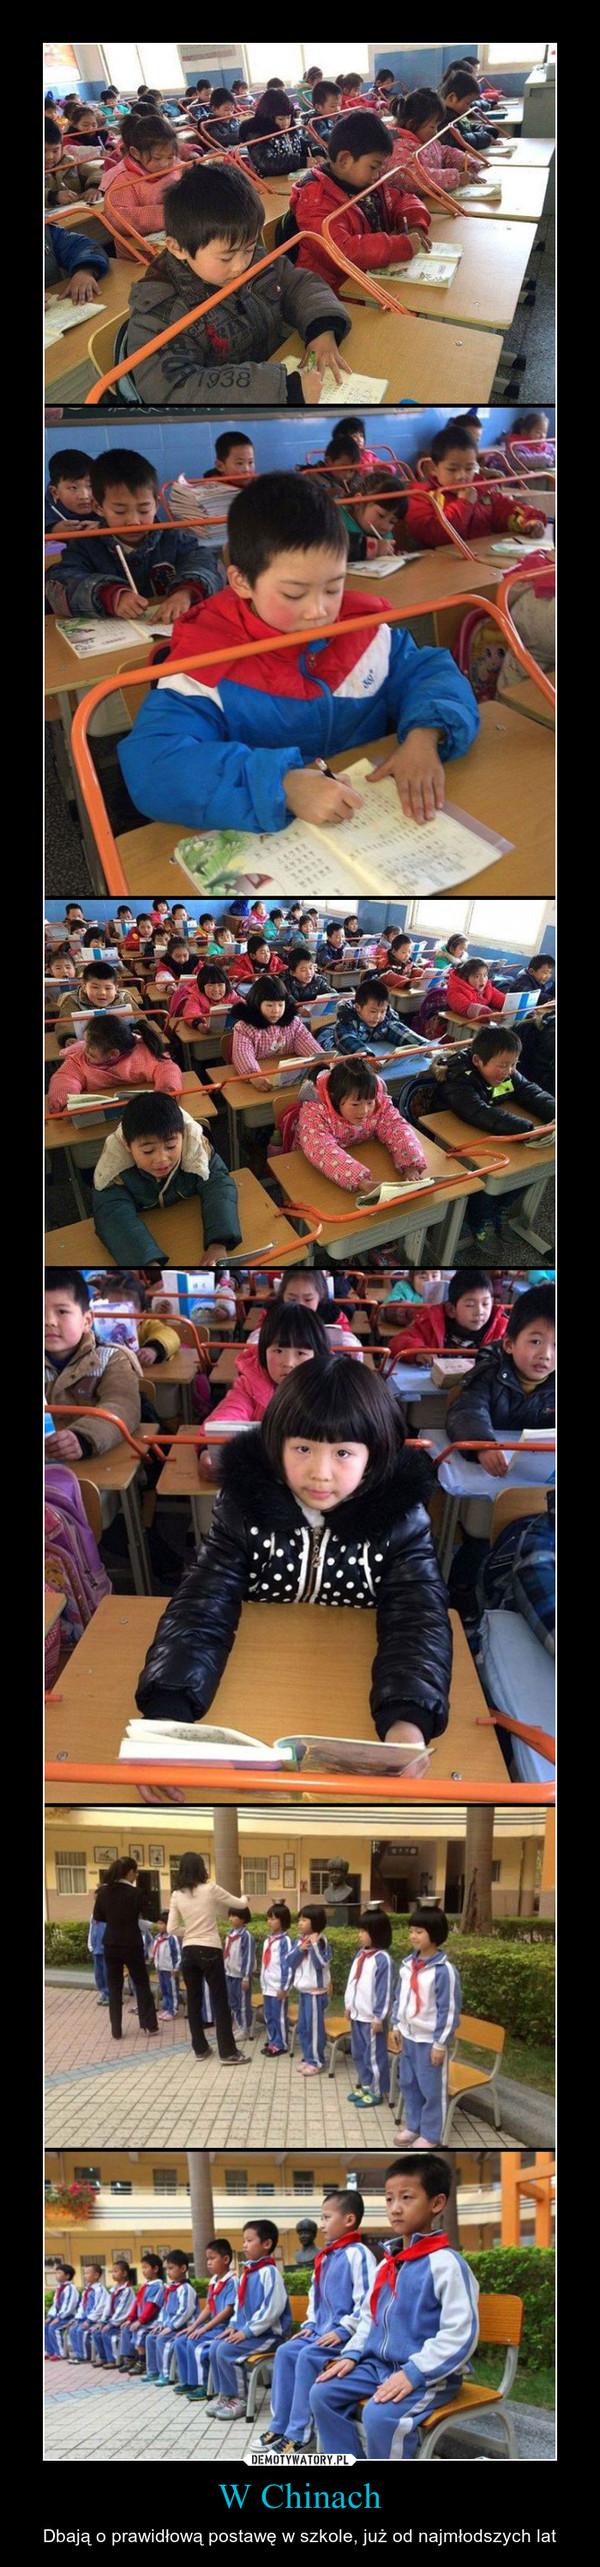 W Chinach – Dbają o prawidłową postawę w szkole, już od najmłodszych lat